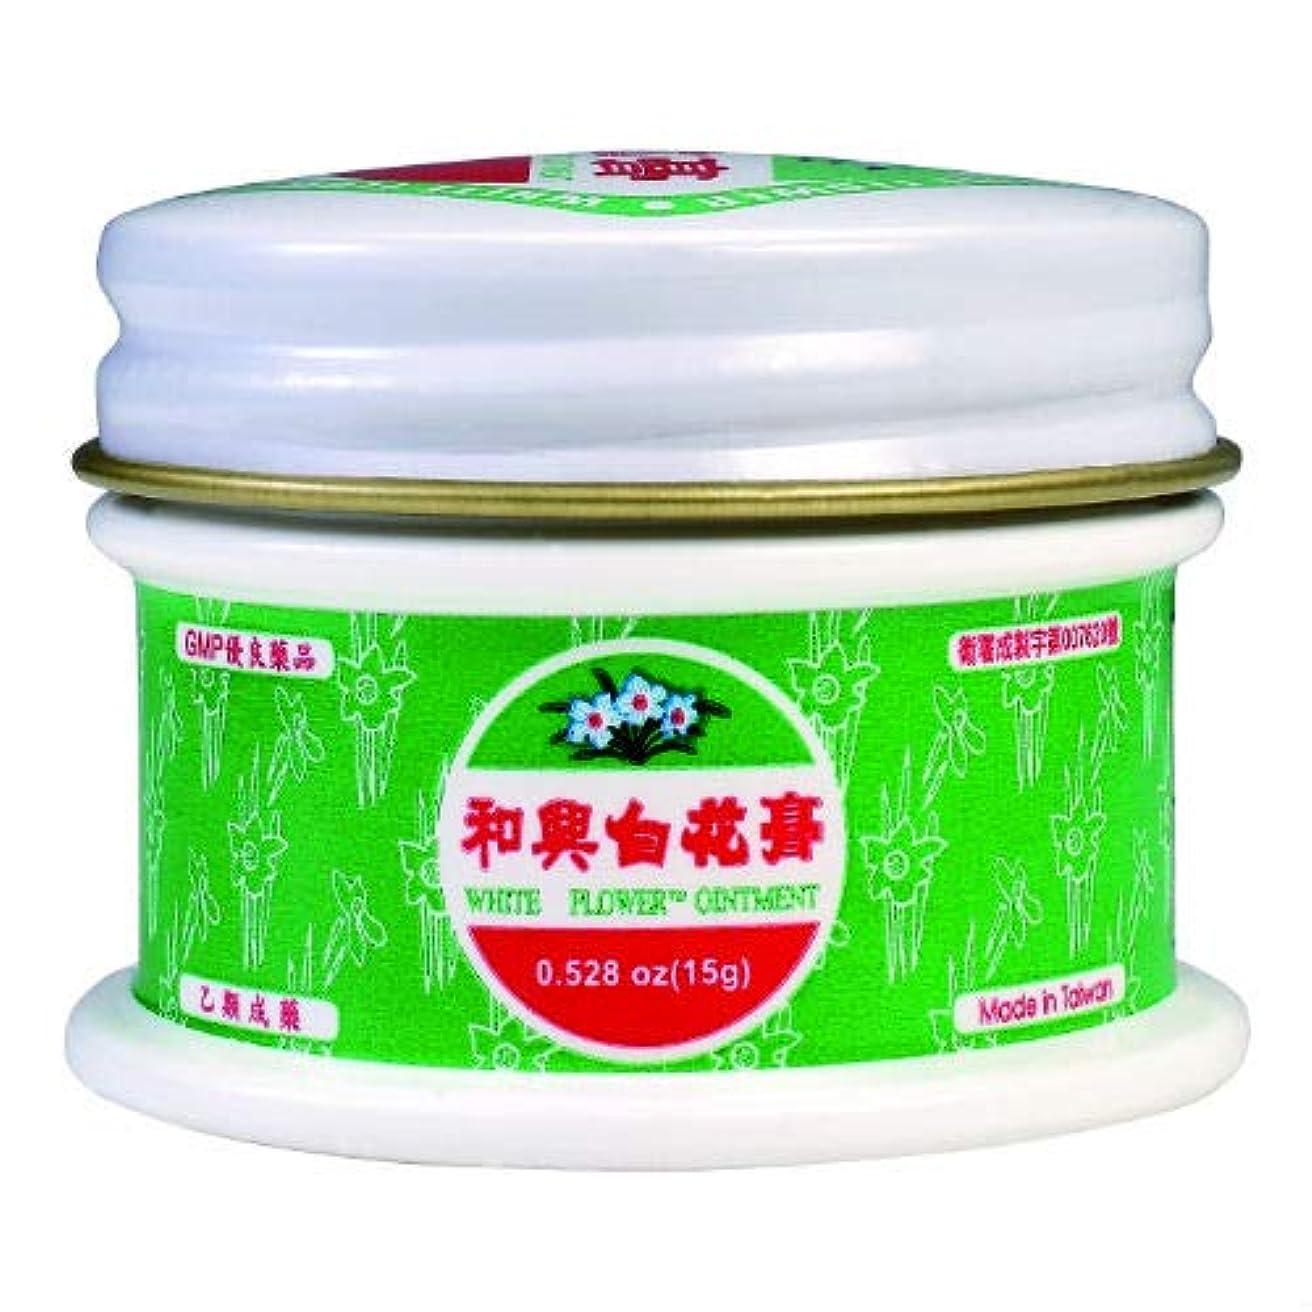 メキシコロードブロッキングロゴ台湾 純正版 白花膏 15g( 白花油軟膏タイプ )